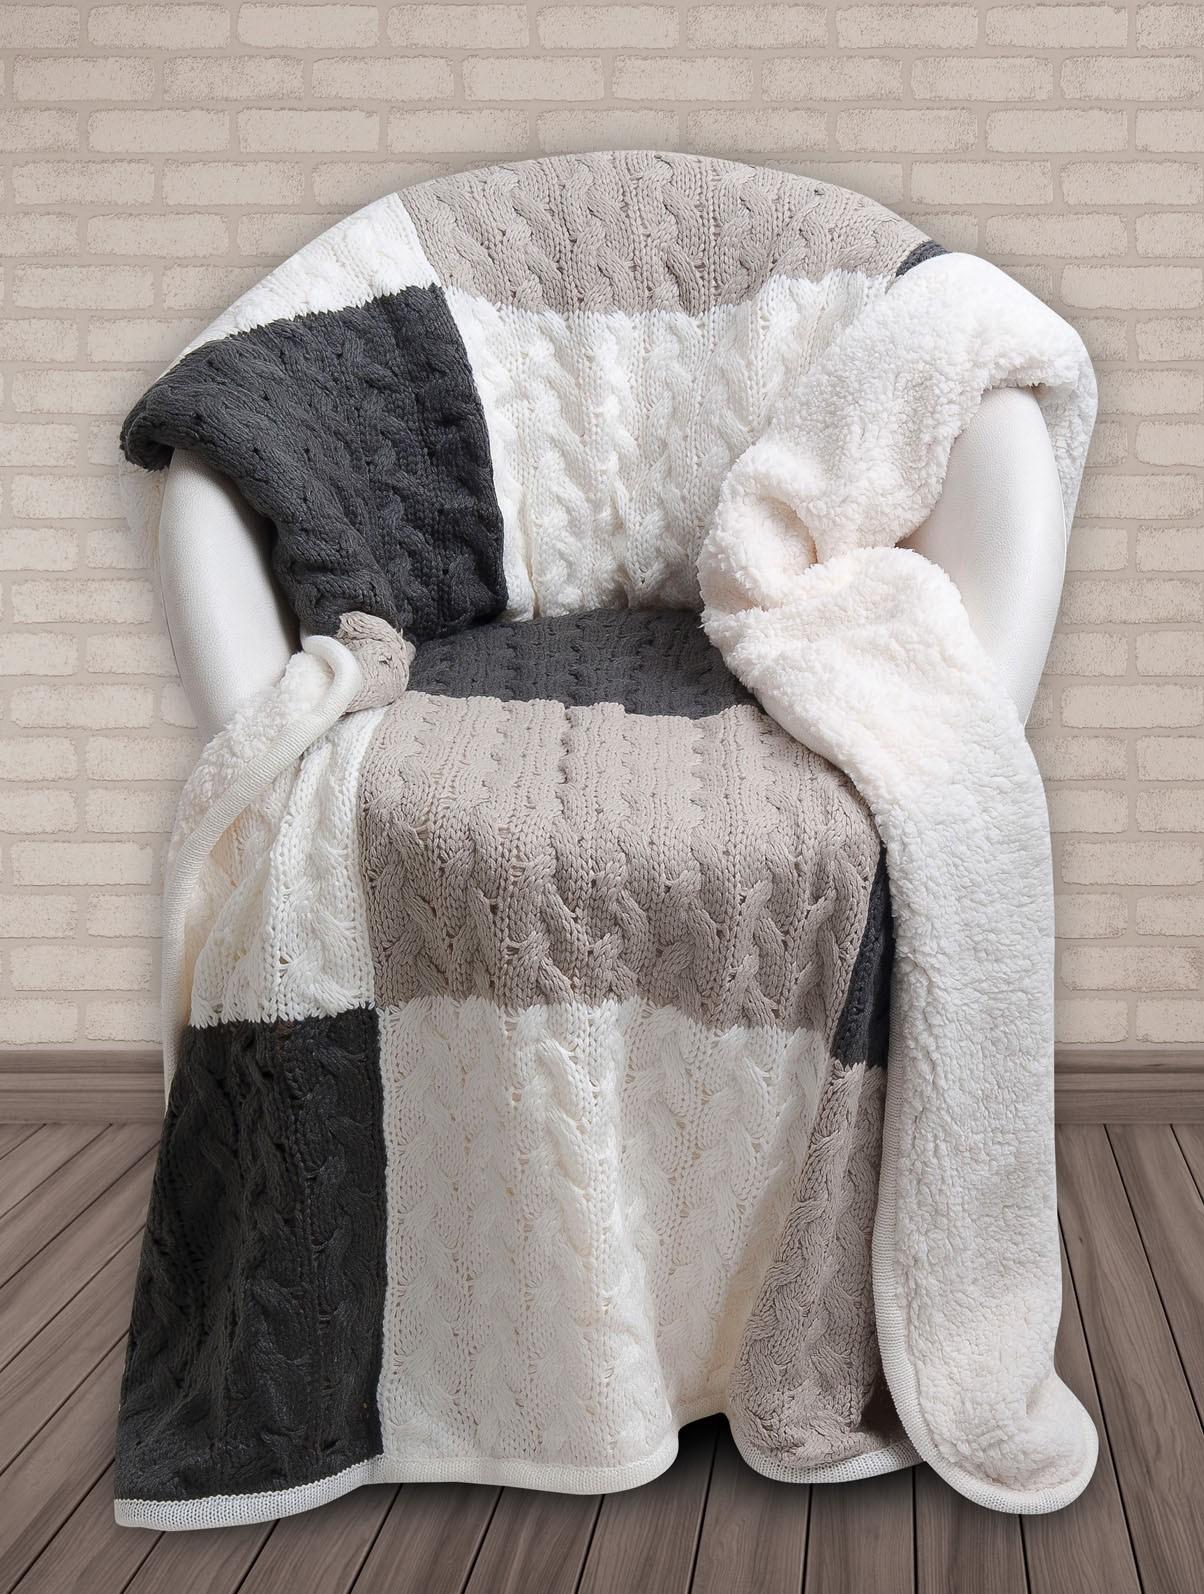 Κουβέρτα Καναπέ Πλεκτή Das Home 320 home   σαλόνι   κουβέρτες καναπέ